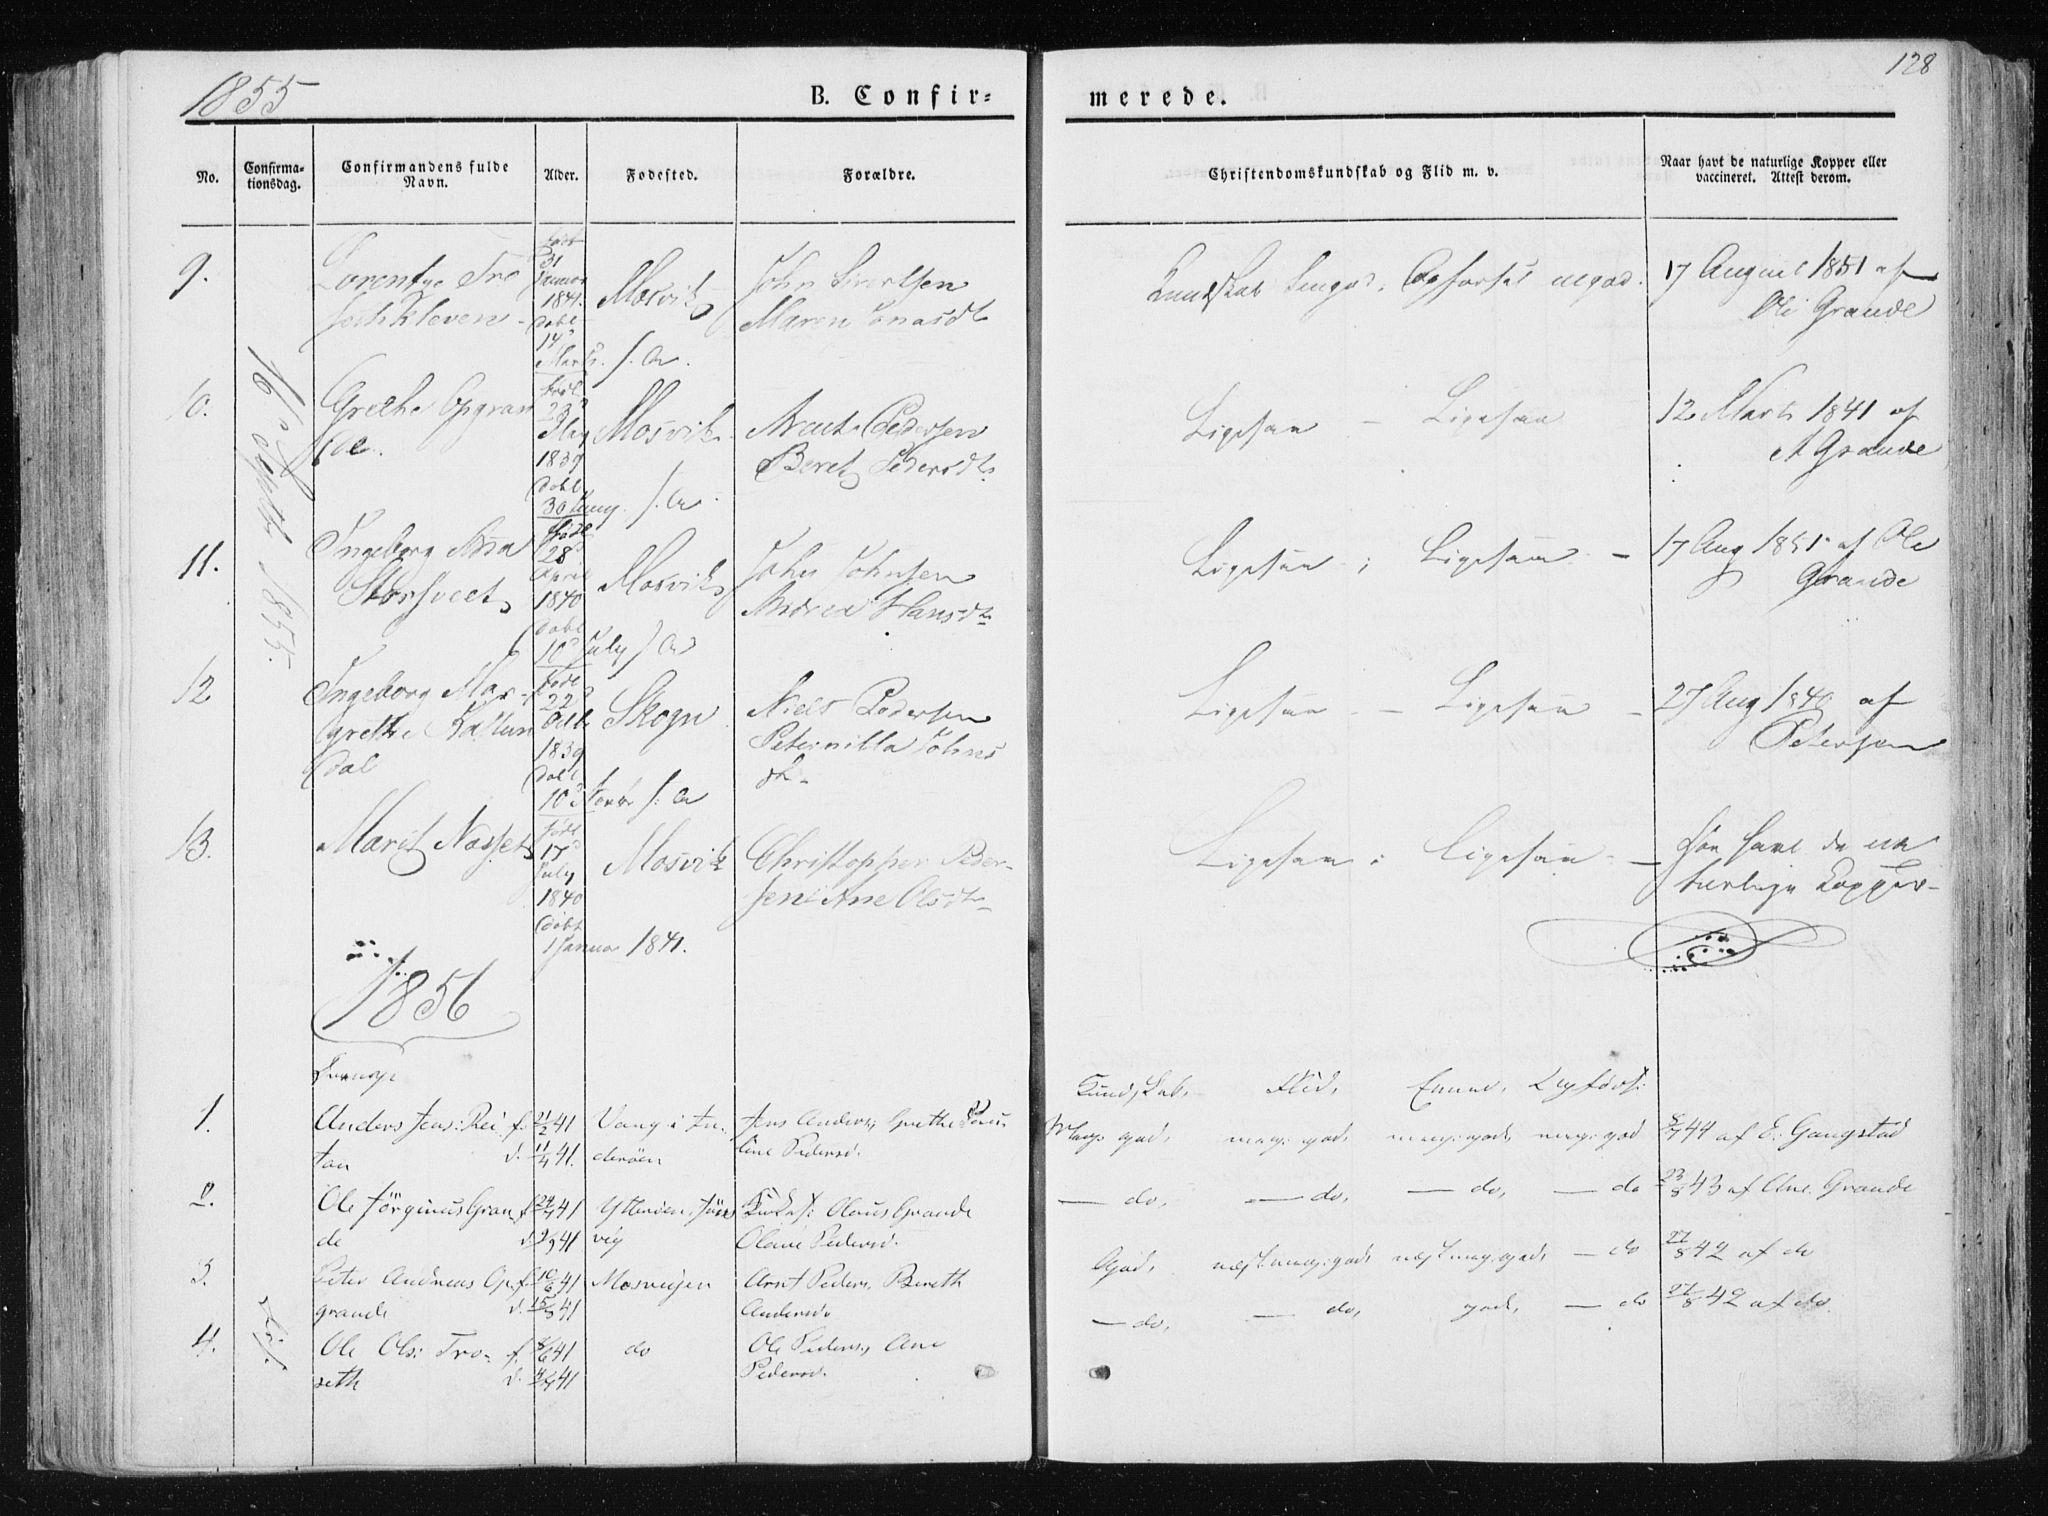 SAT, Ministerialprotokoller, klokkerbøker og fødselsregistre - Nord-Trøndelag, 733/L0323: Ministerialbok nr. 733A02, 1843-1870, s. 128